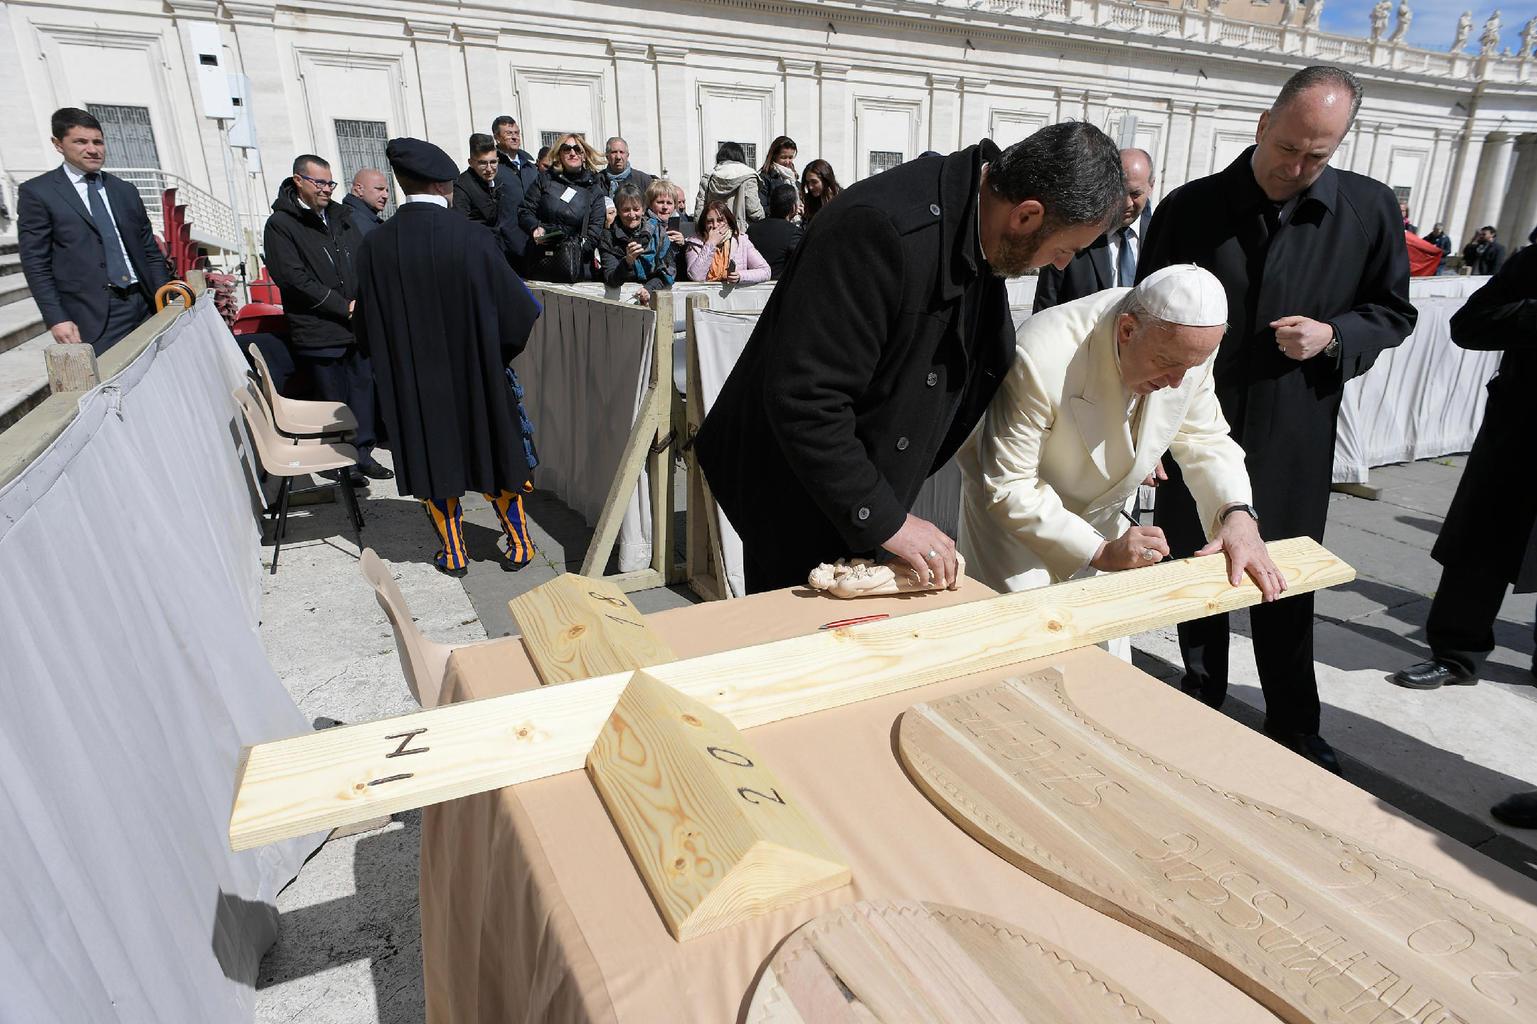 Antal József és a Szentatya a Vatikánban. Zarándokok húsvéti ajándékokkal indultak el Ferenc pápához a váci egyházmegyéből (Fotó: Vatikán)